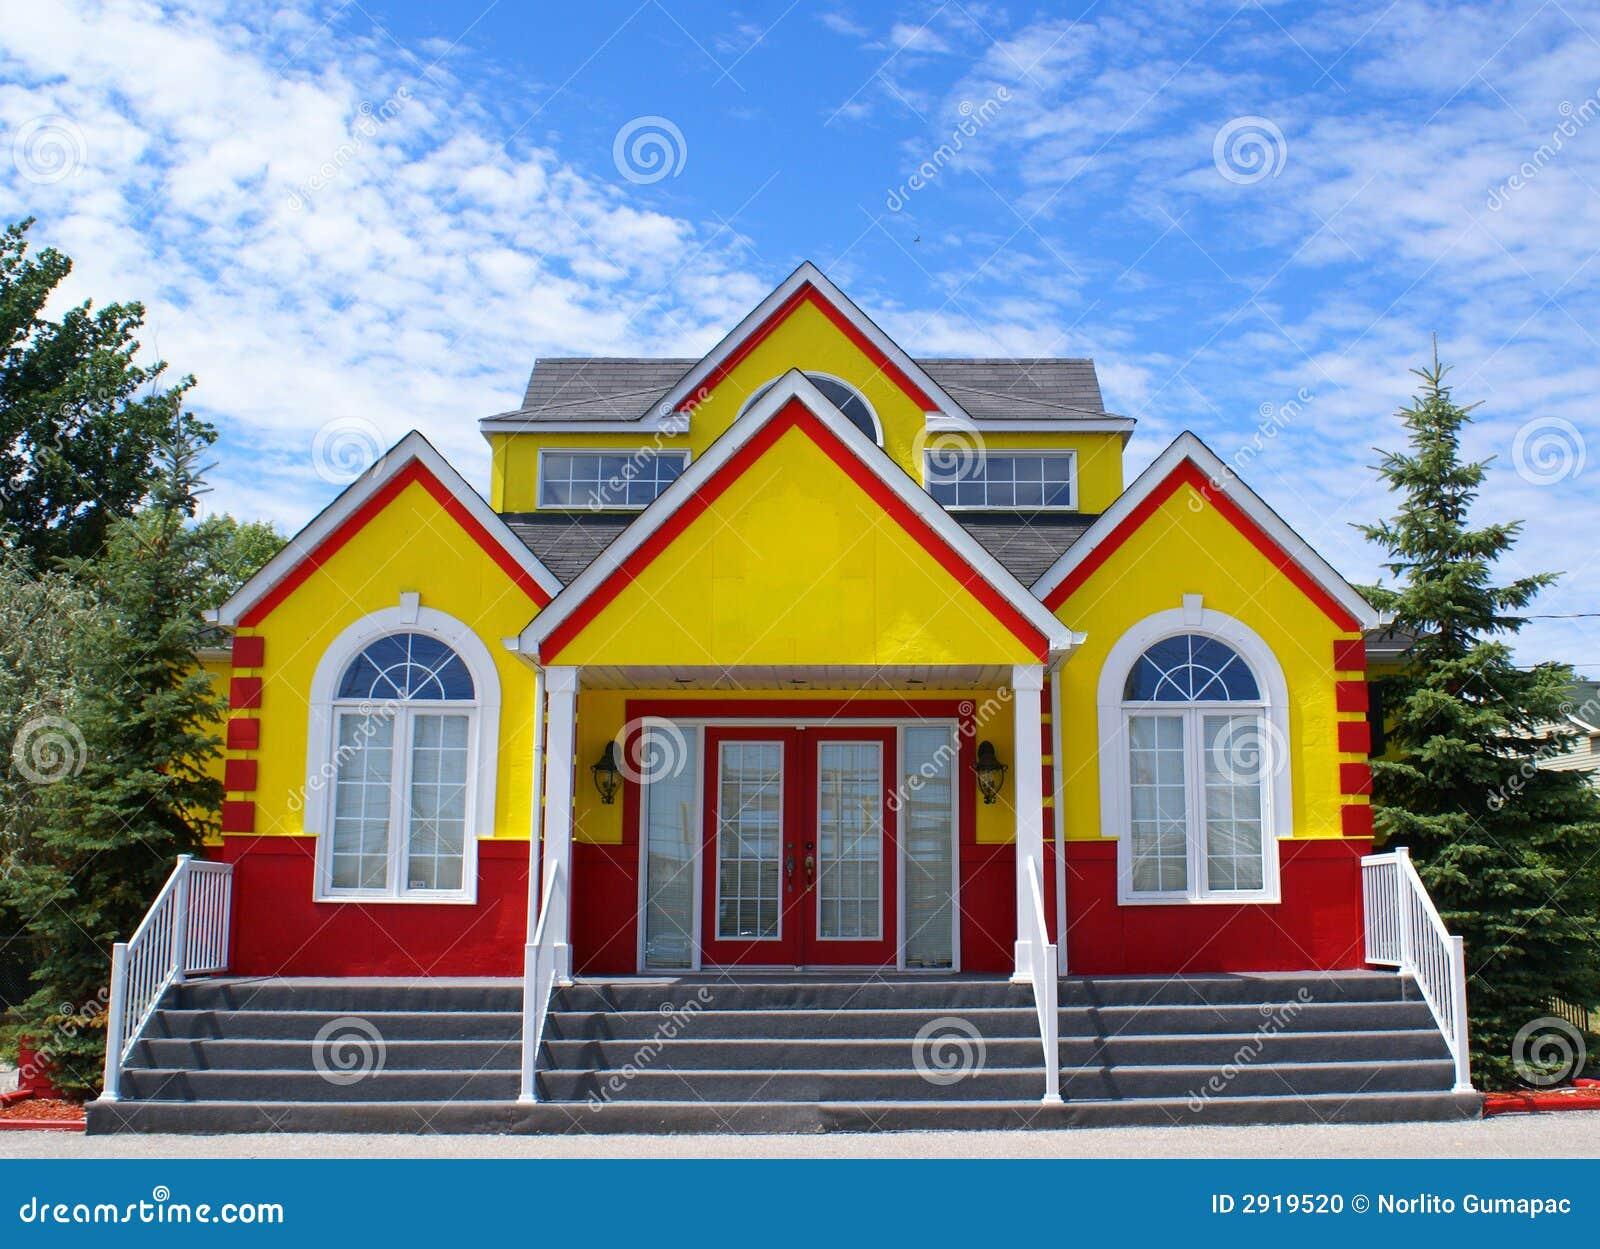 Casa colorida nova foto de stock imagem de alaranjado 2919520 - Casa de fotografia ...